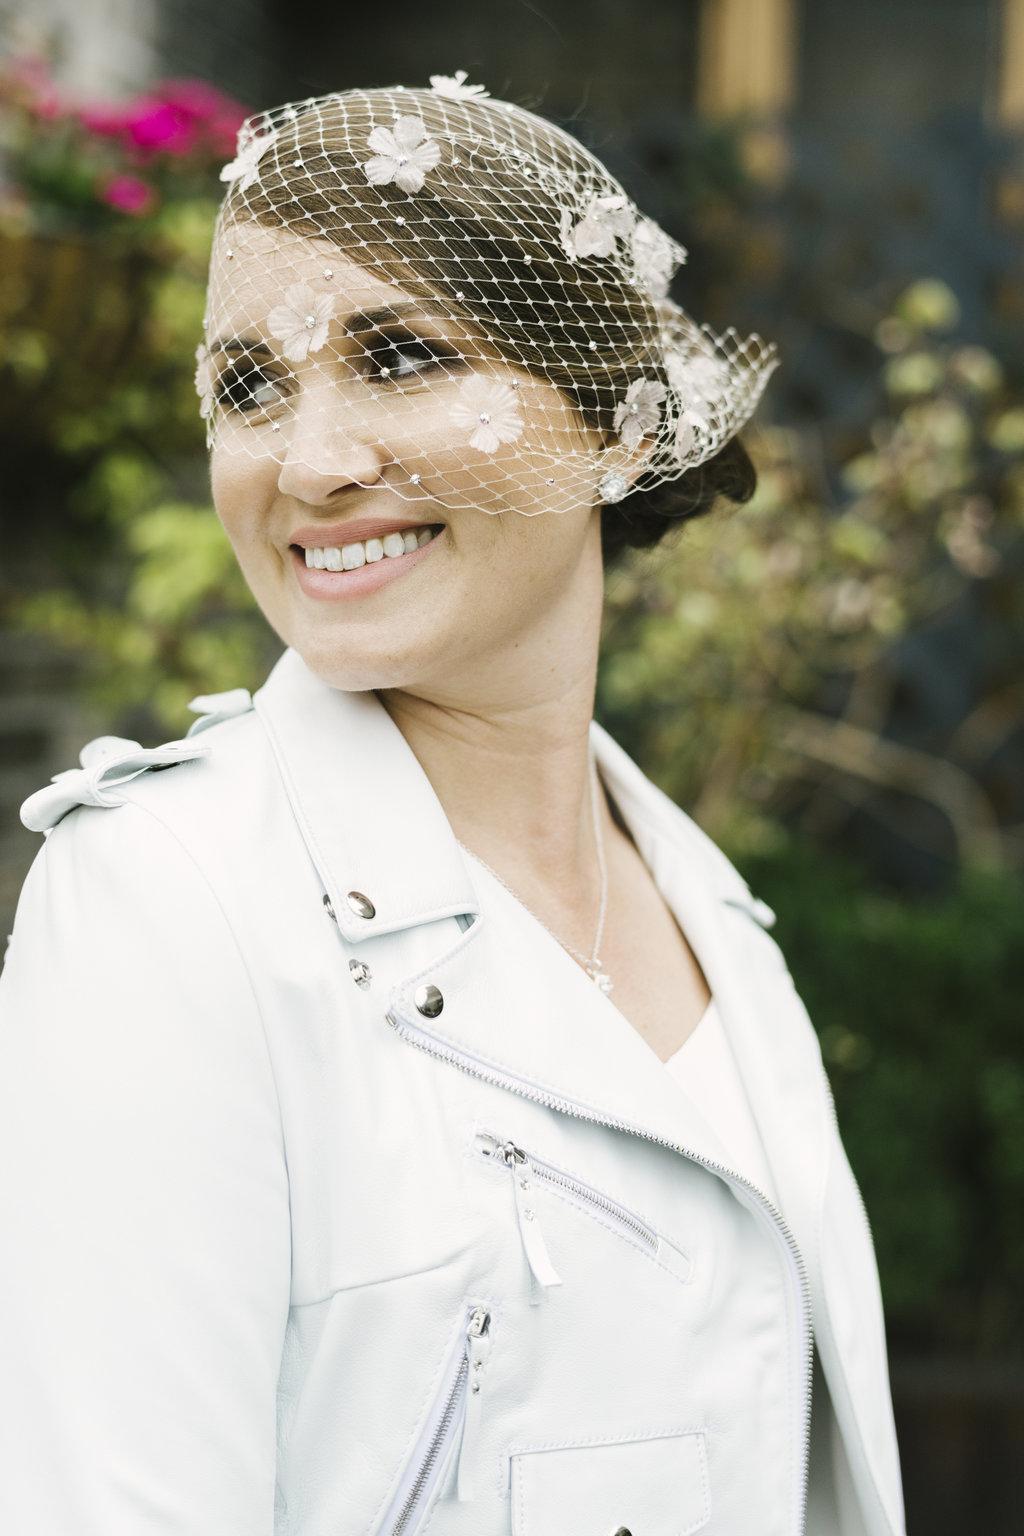 Nathalie Kraynina Bride At The Big Fake WeddingAliciaKingPhotographyBigFakeWedding282.jpg